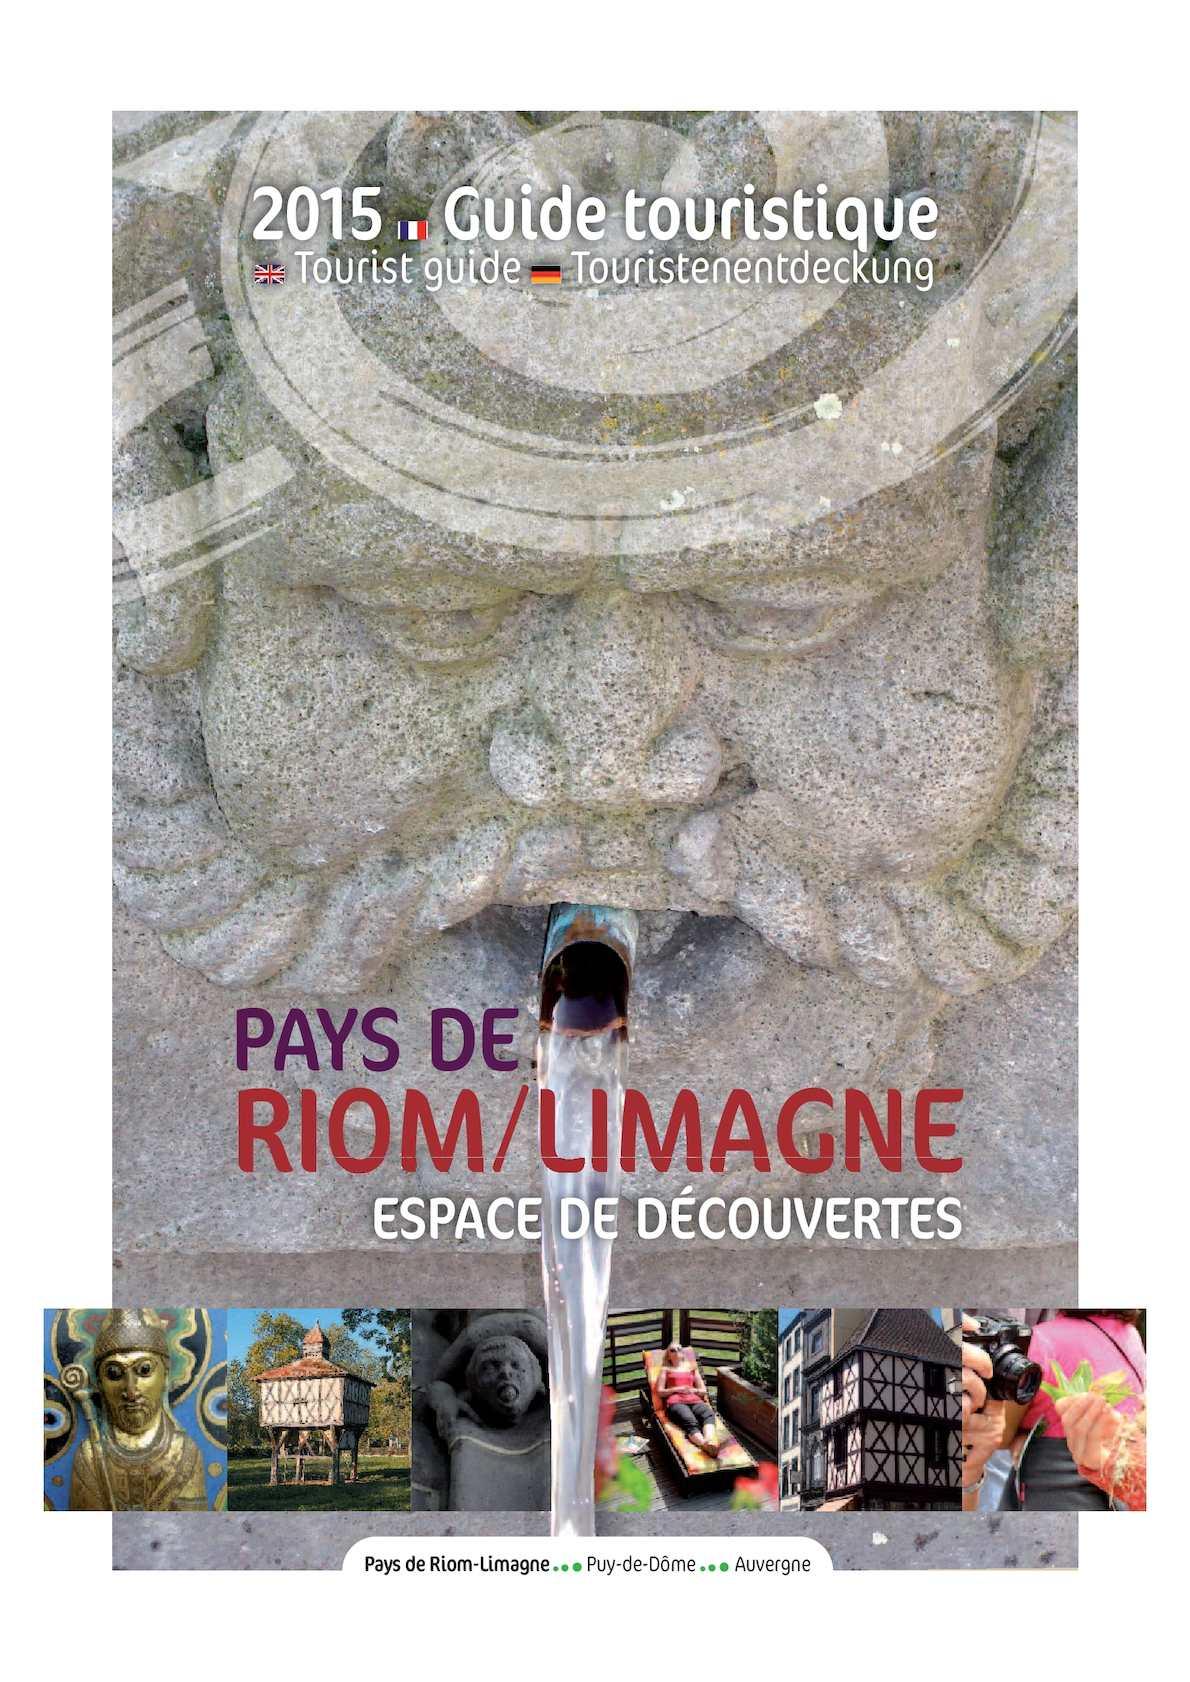 Calaméo - Espace de découverte - Pays de Riom Limagne